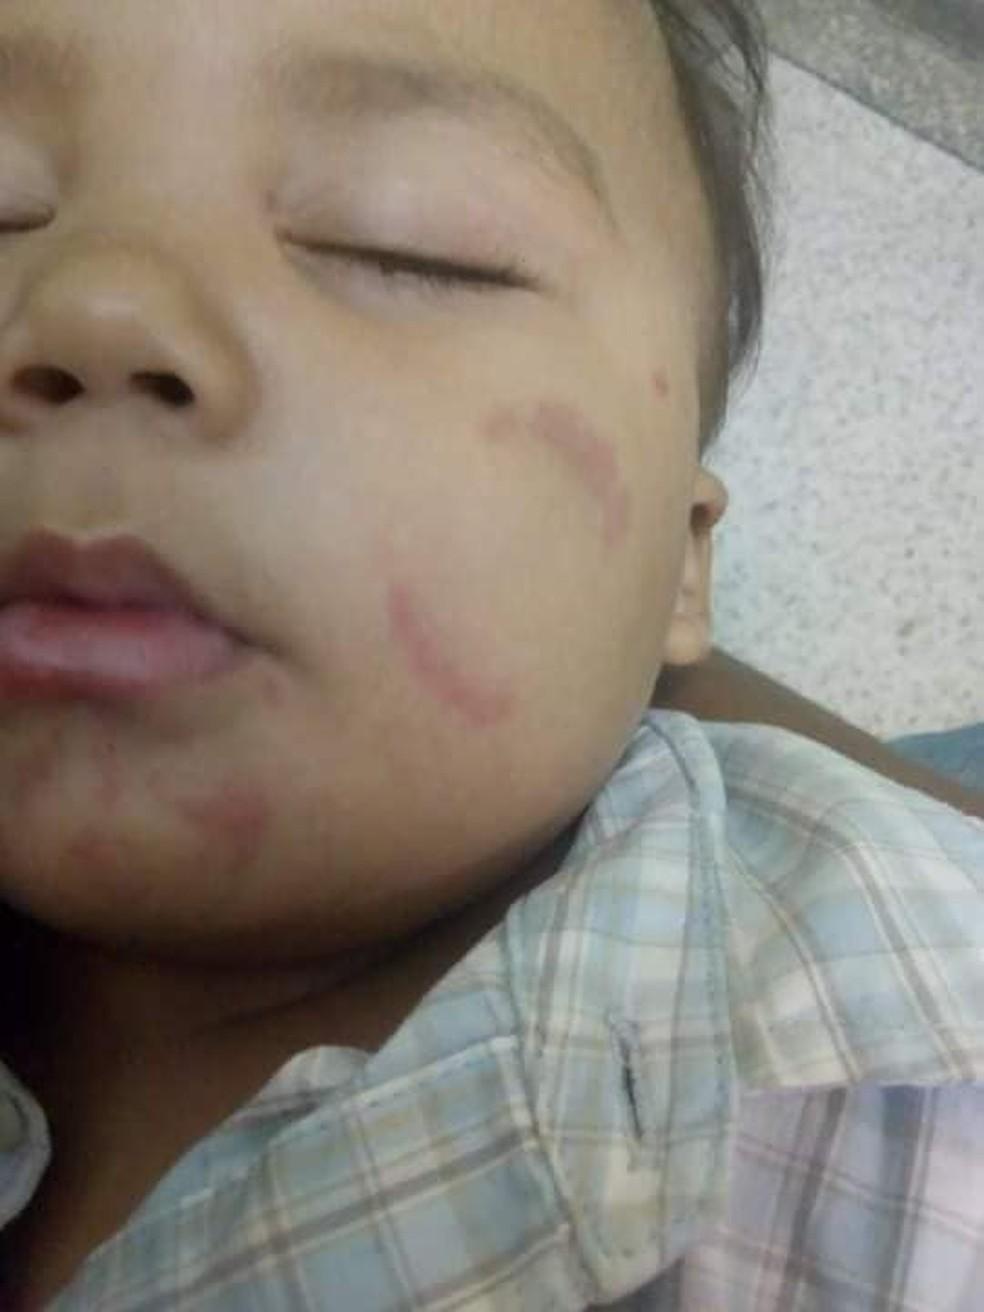 Caso aconteceu em uma creche de São Vicente, SP — Foto: Arquivo Pessoal